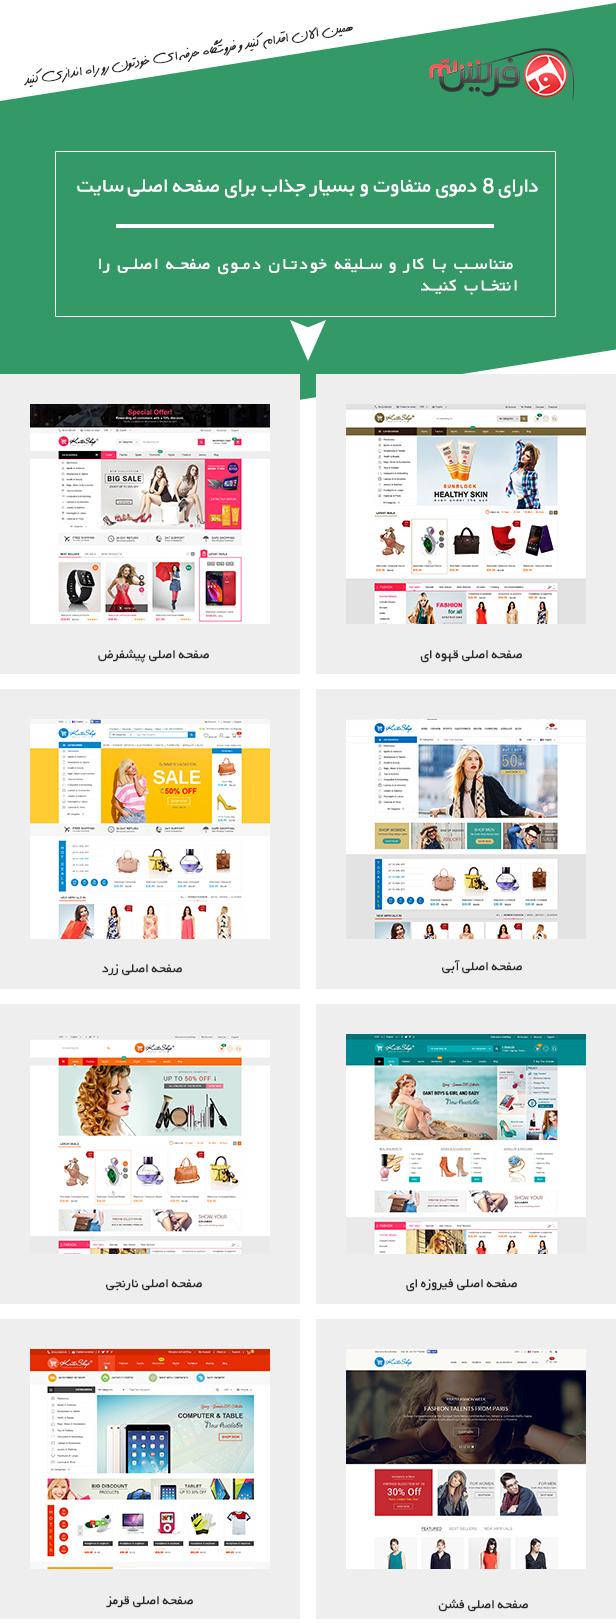 قالب فروشگاهی کیوت شاپ | Kuteshop Wordpress Theme 4